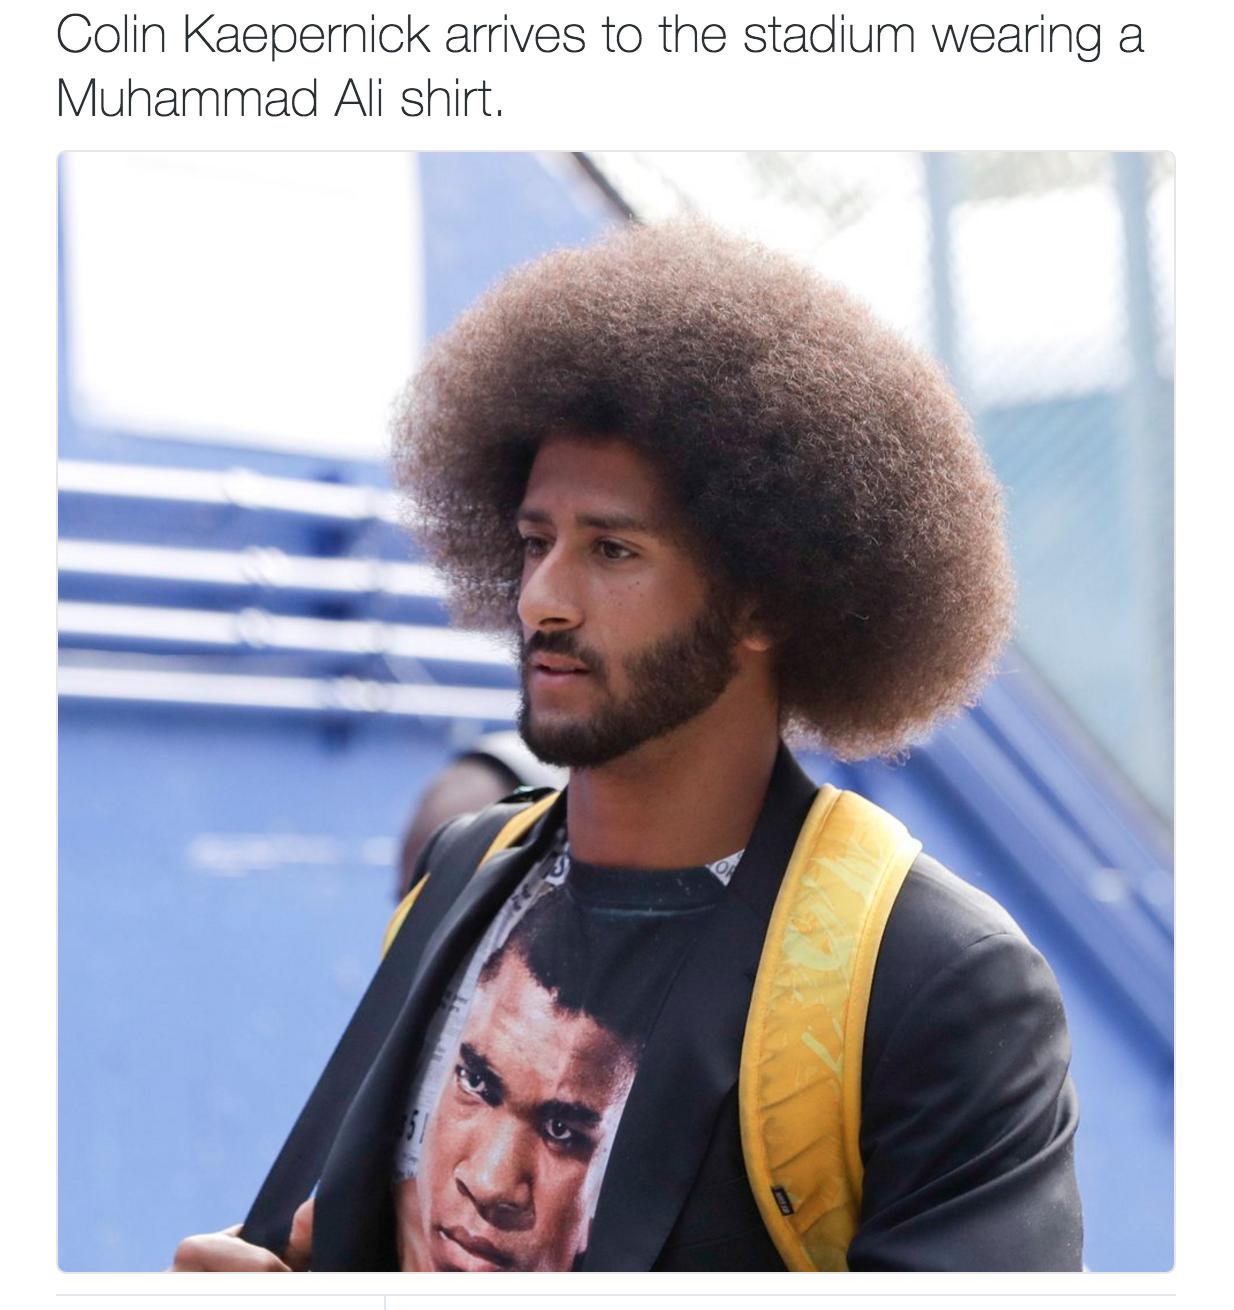 Colin Kaepernick arrivant au stade avec un t-shirt représentant Muhammad Ali.